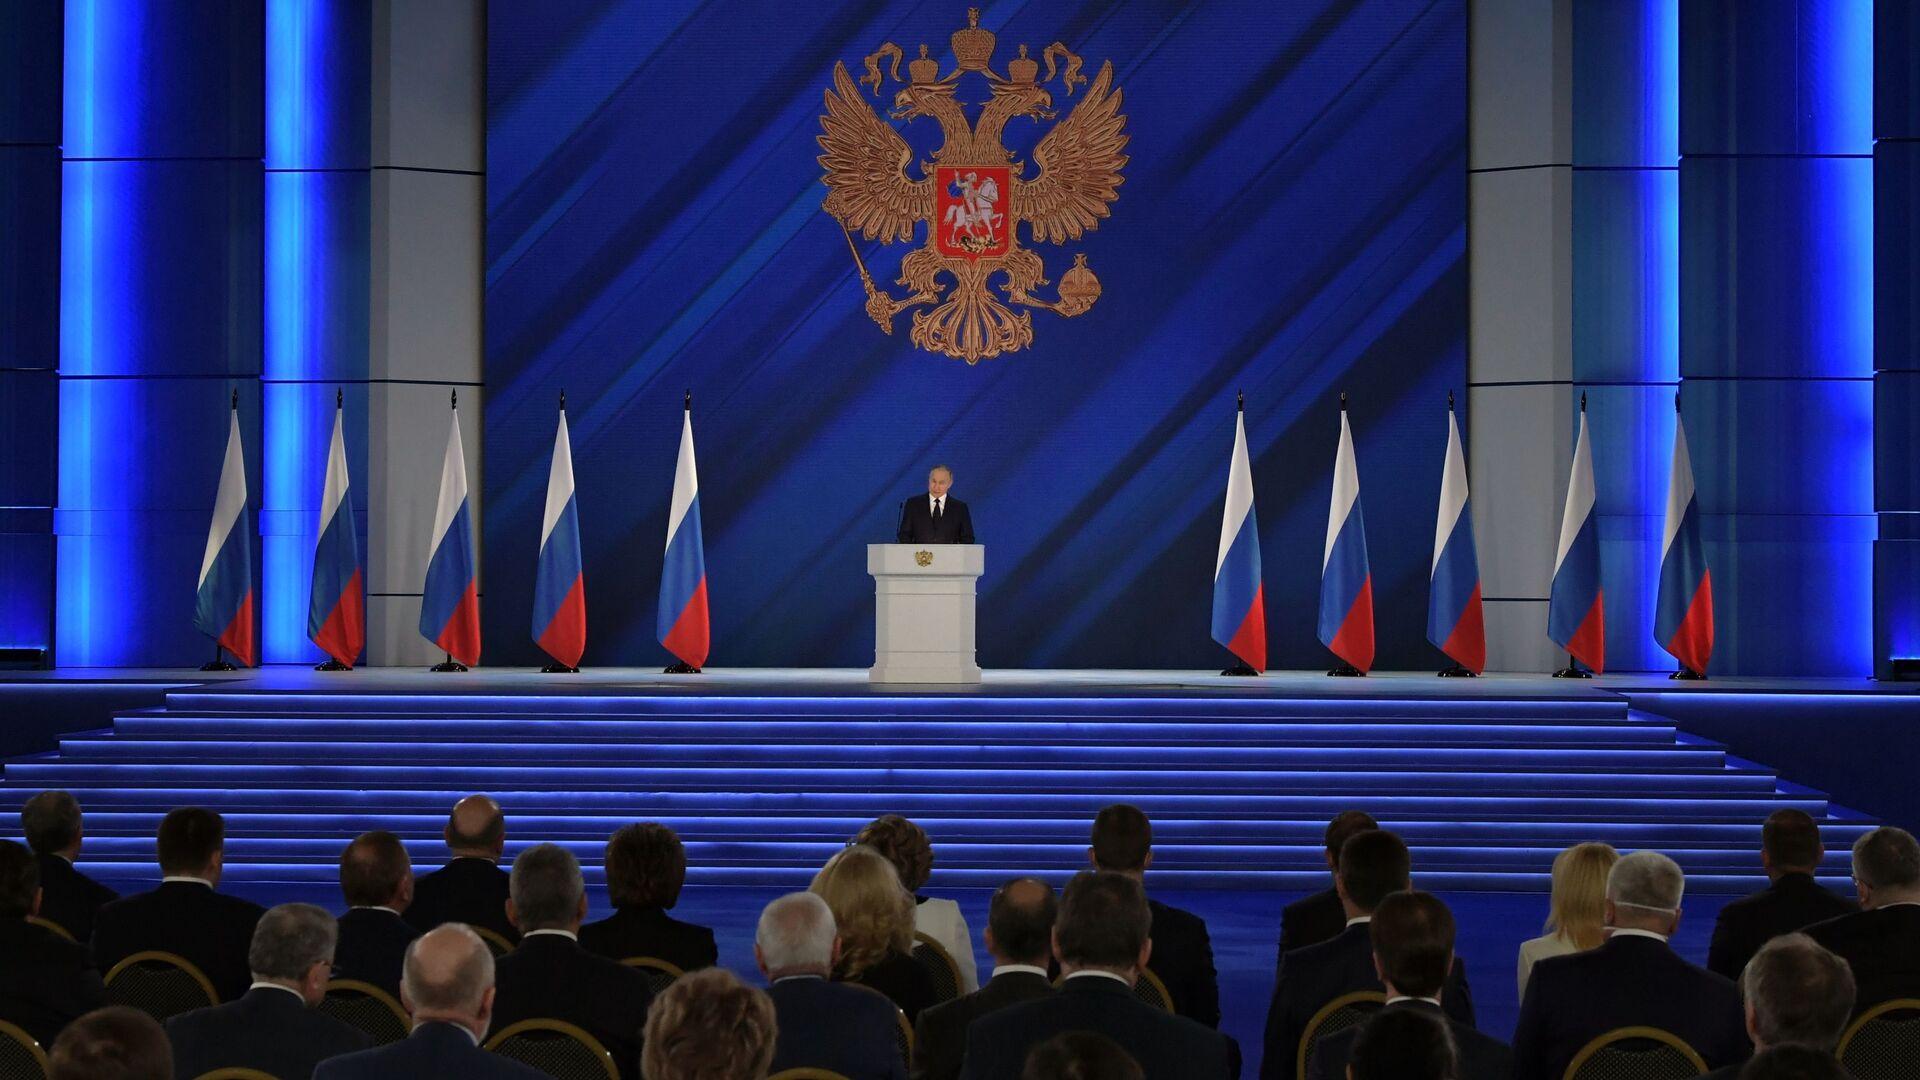 Ruský prezident Vladimir Putin vystoupil s poselstvím Federálnímu shromáždění - Sputnik Česká republika, 1920, 21.04.2021